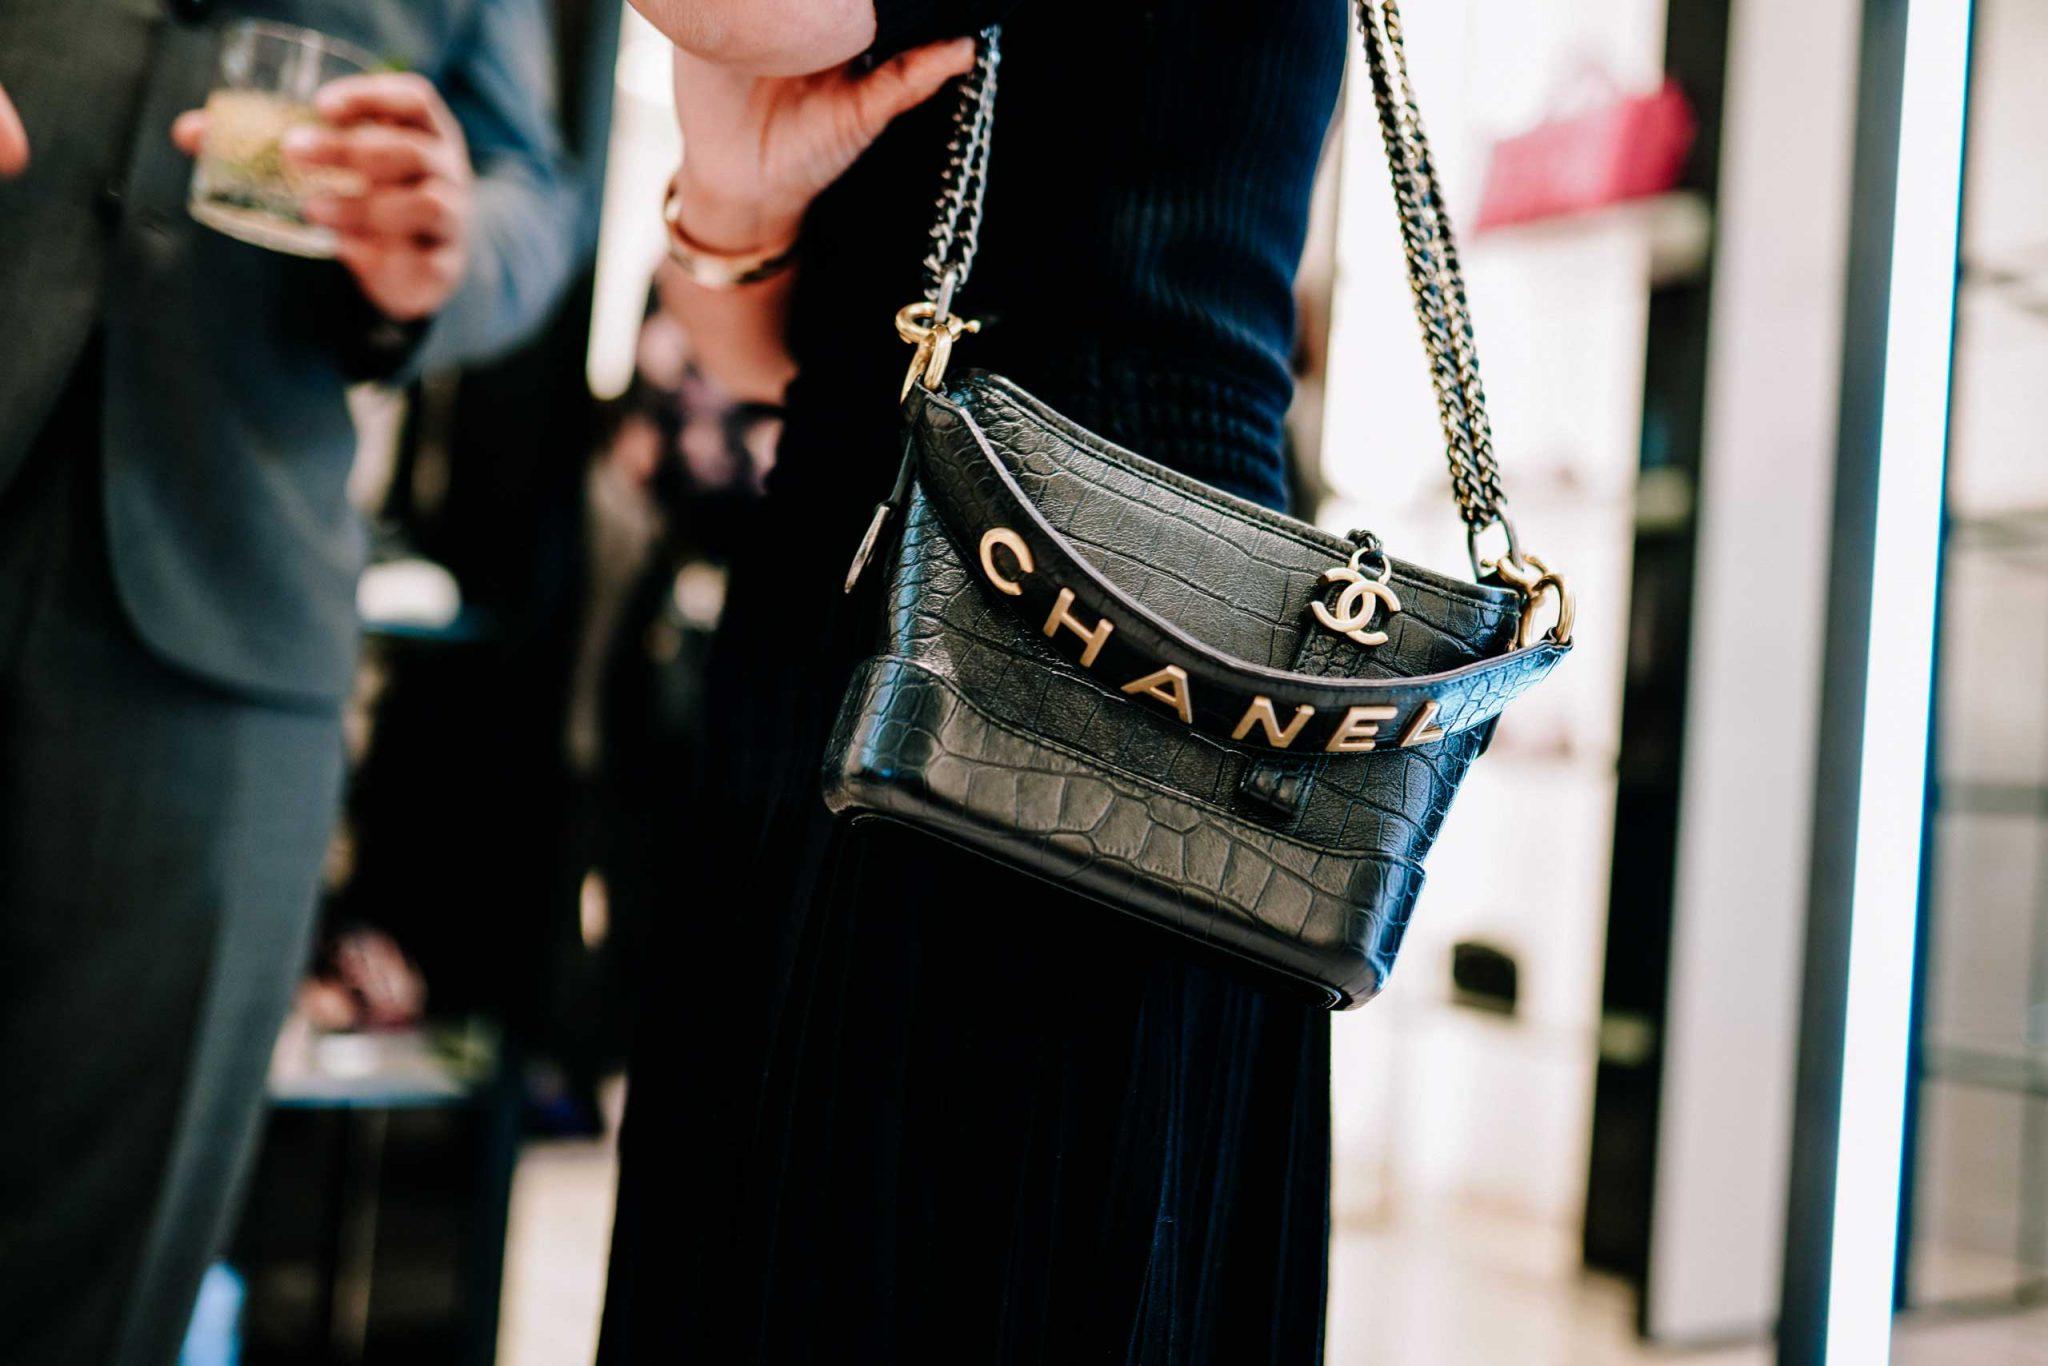 Chanel_Boutique_Cocktail_event_Ilsoo_van_Dijk_07122019-01155